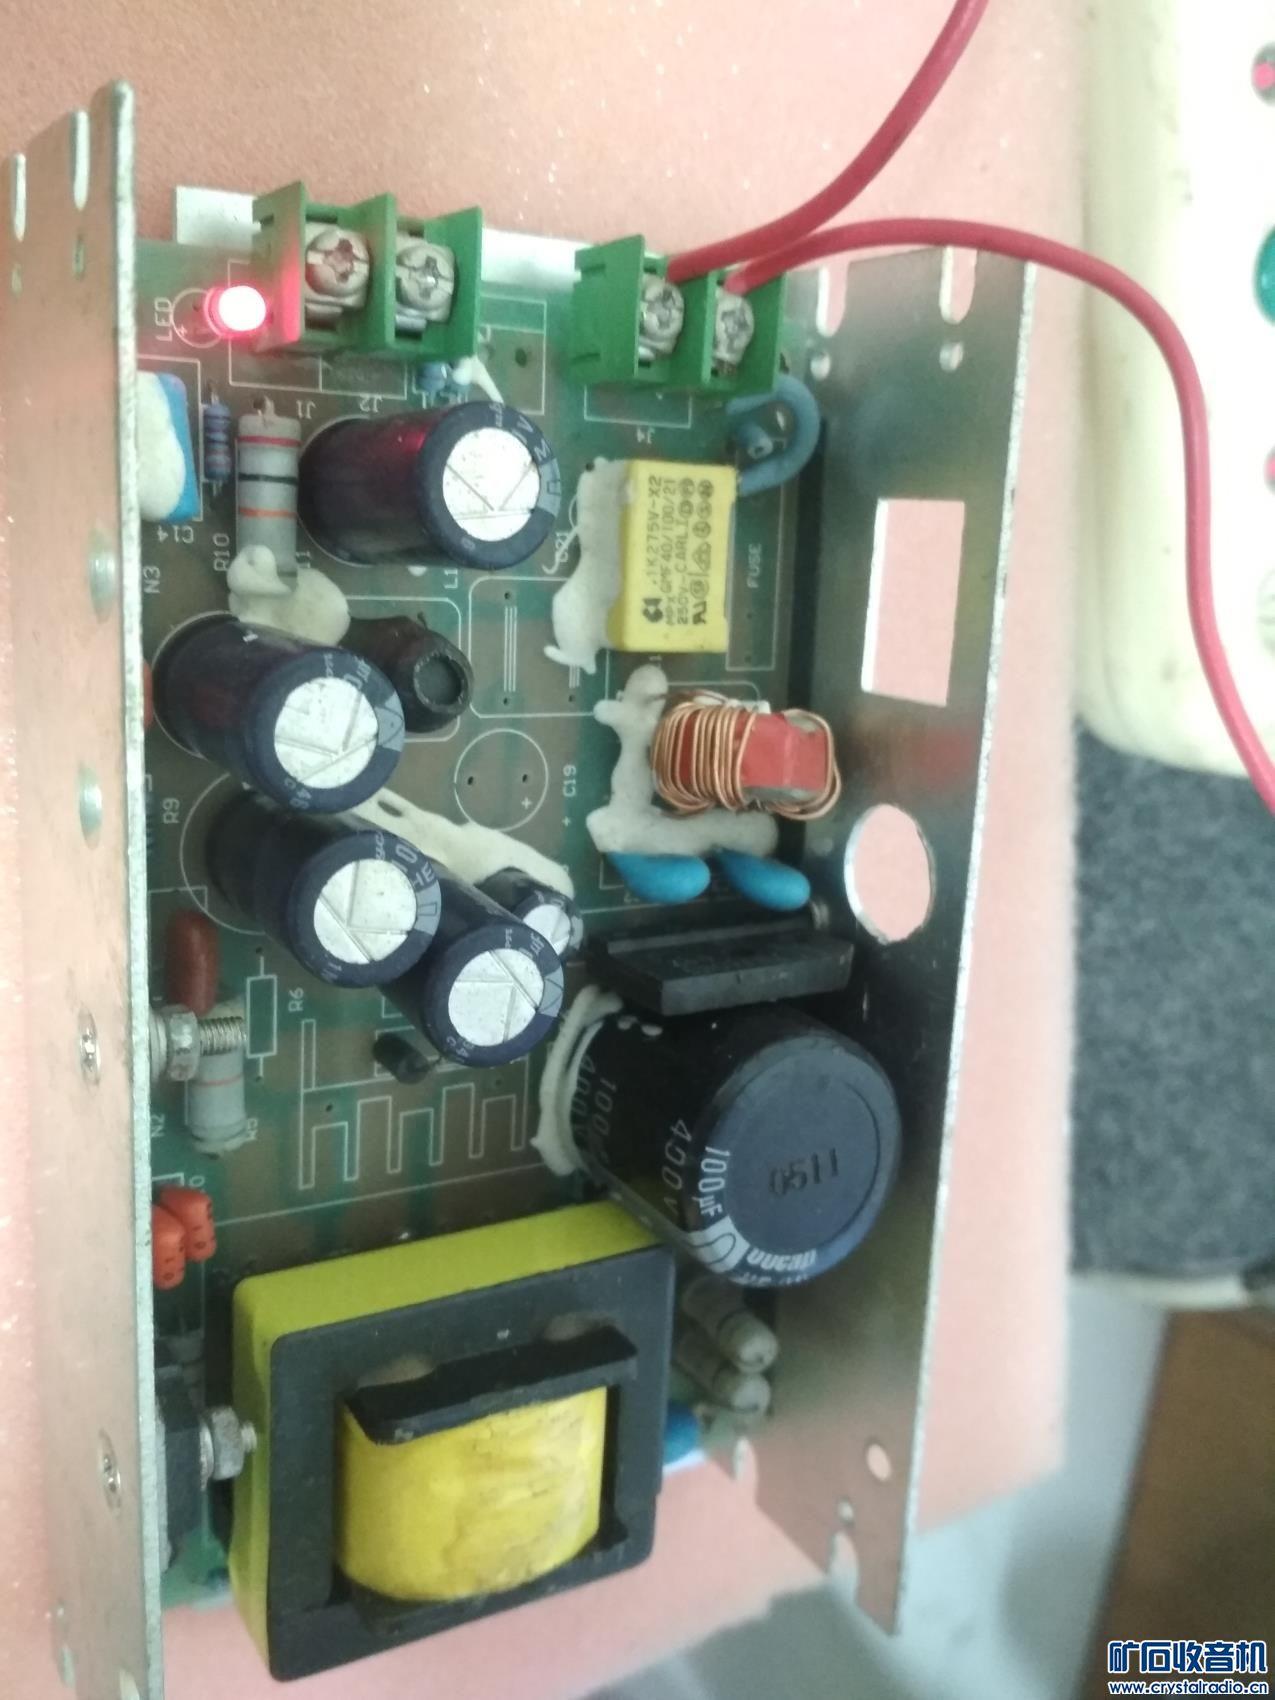 6081号重要装置上的质量上乘220v入110直流出适合电子管前级或小功率电子管后级供电65元 (1).jpg